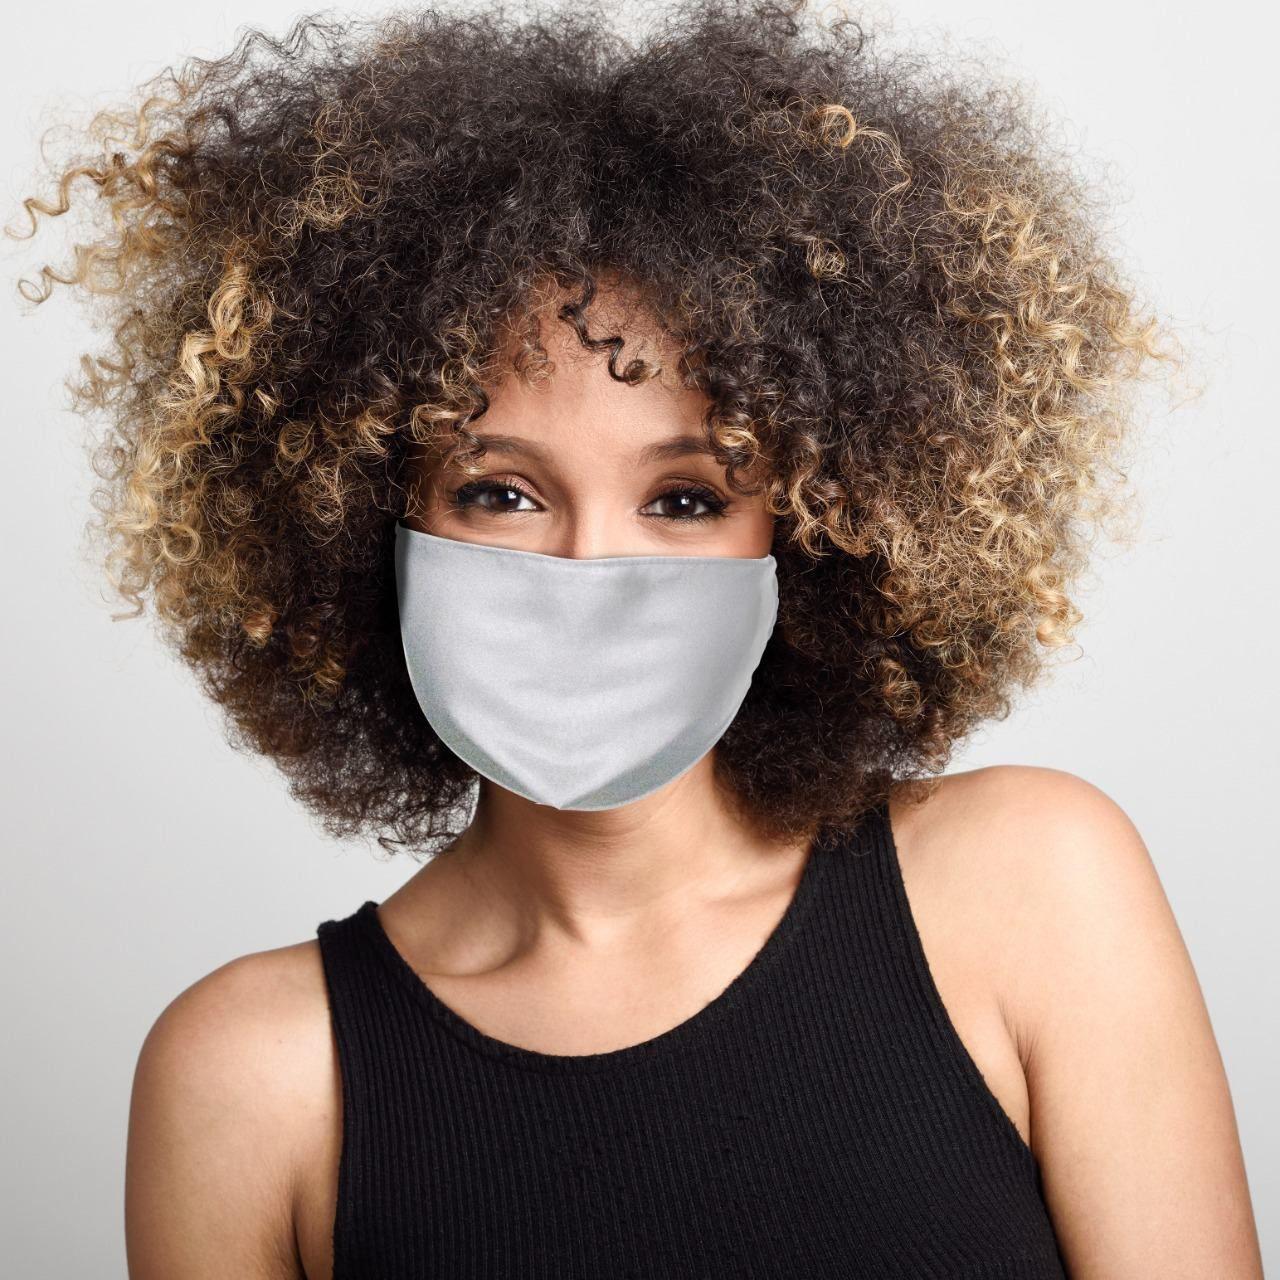 Máscara de Tecido Dupla Face: Lisa (Branca): Lavável Reutilizável